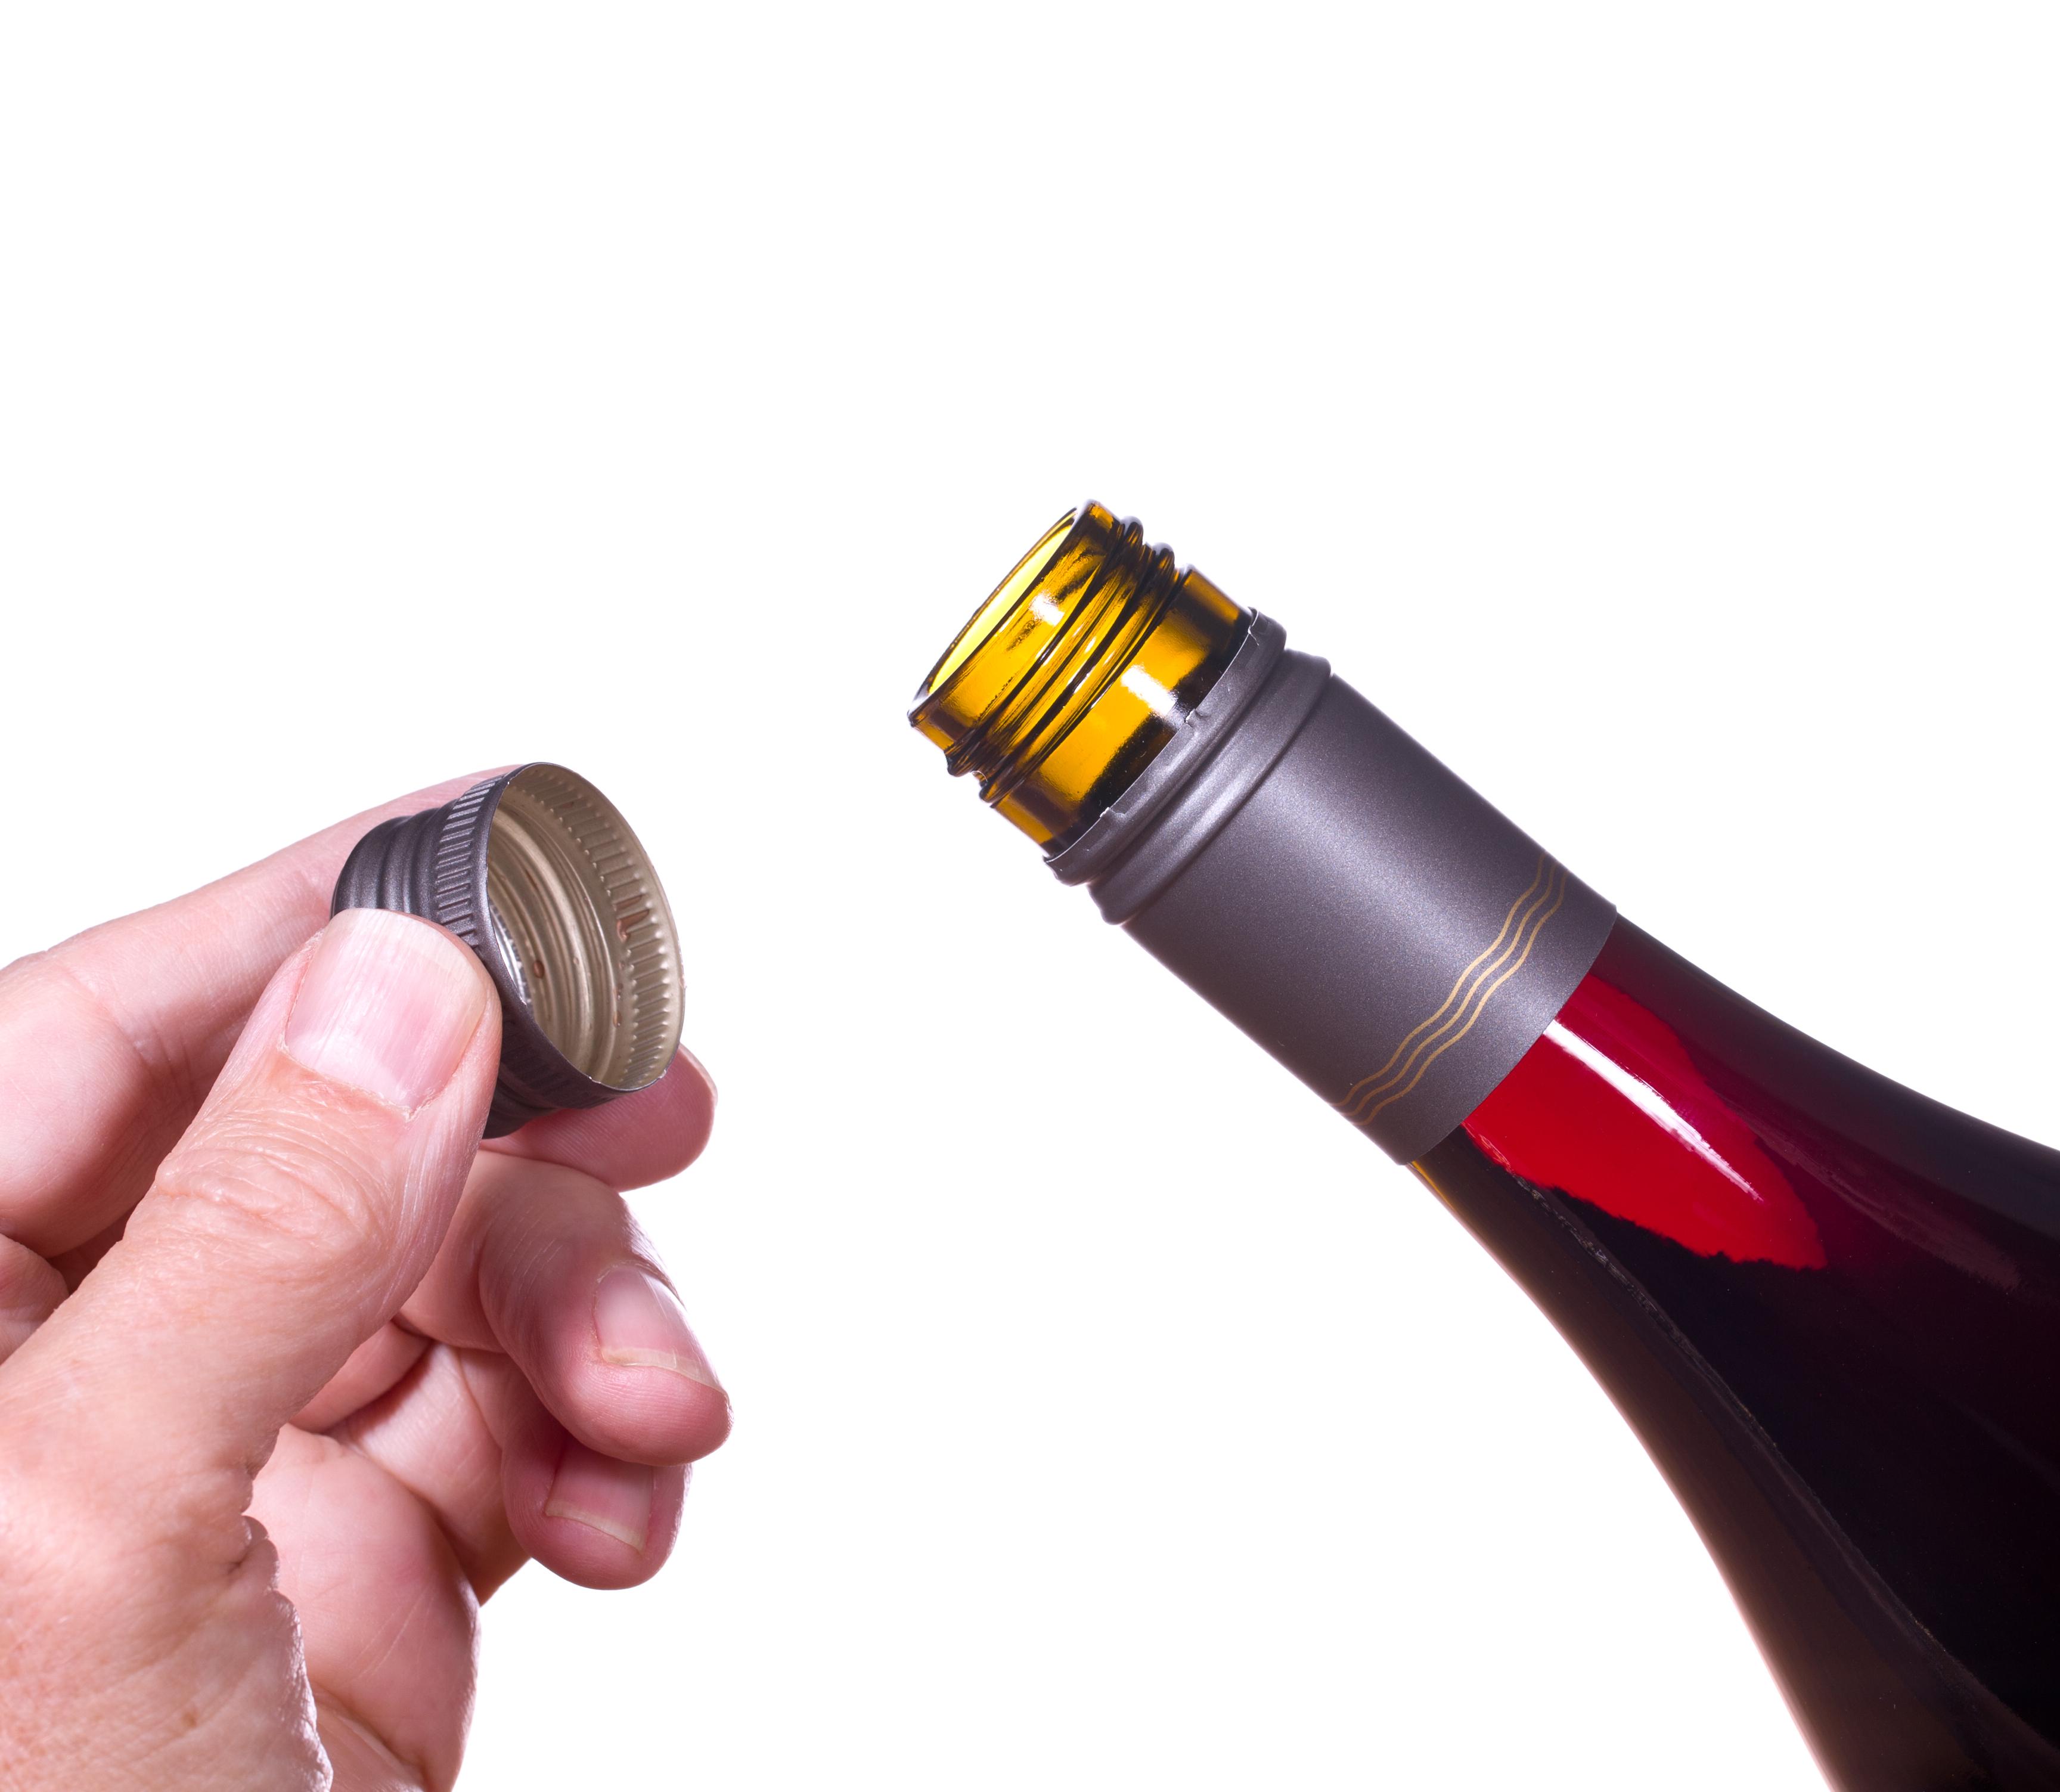 ワインのスクリューキャップを開けている様子